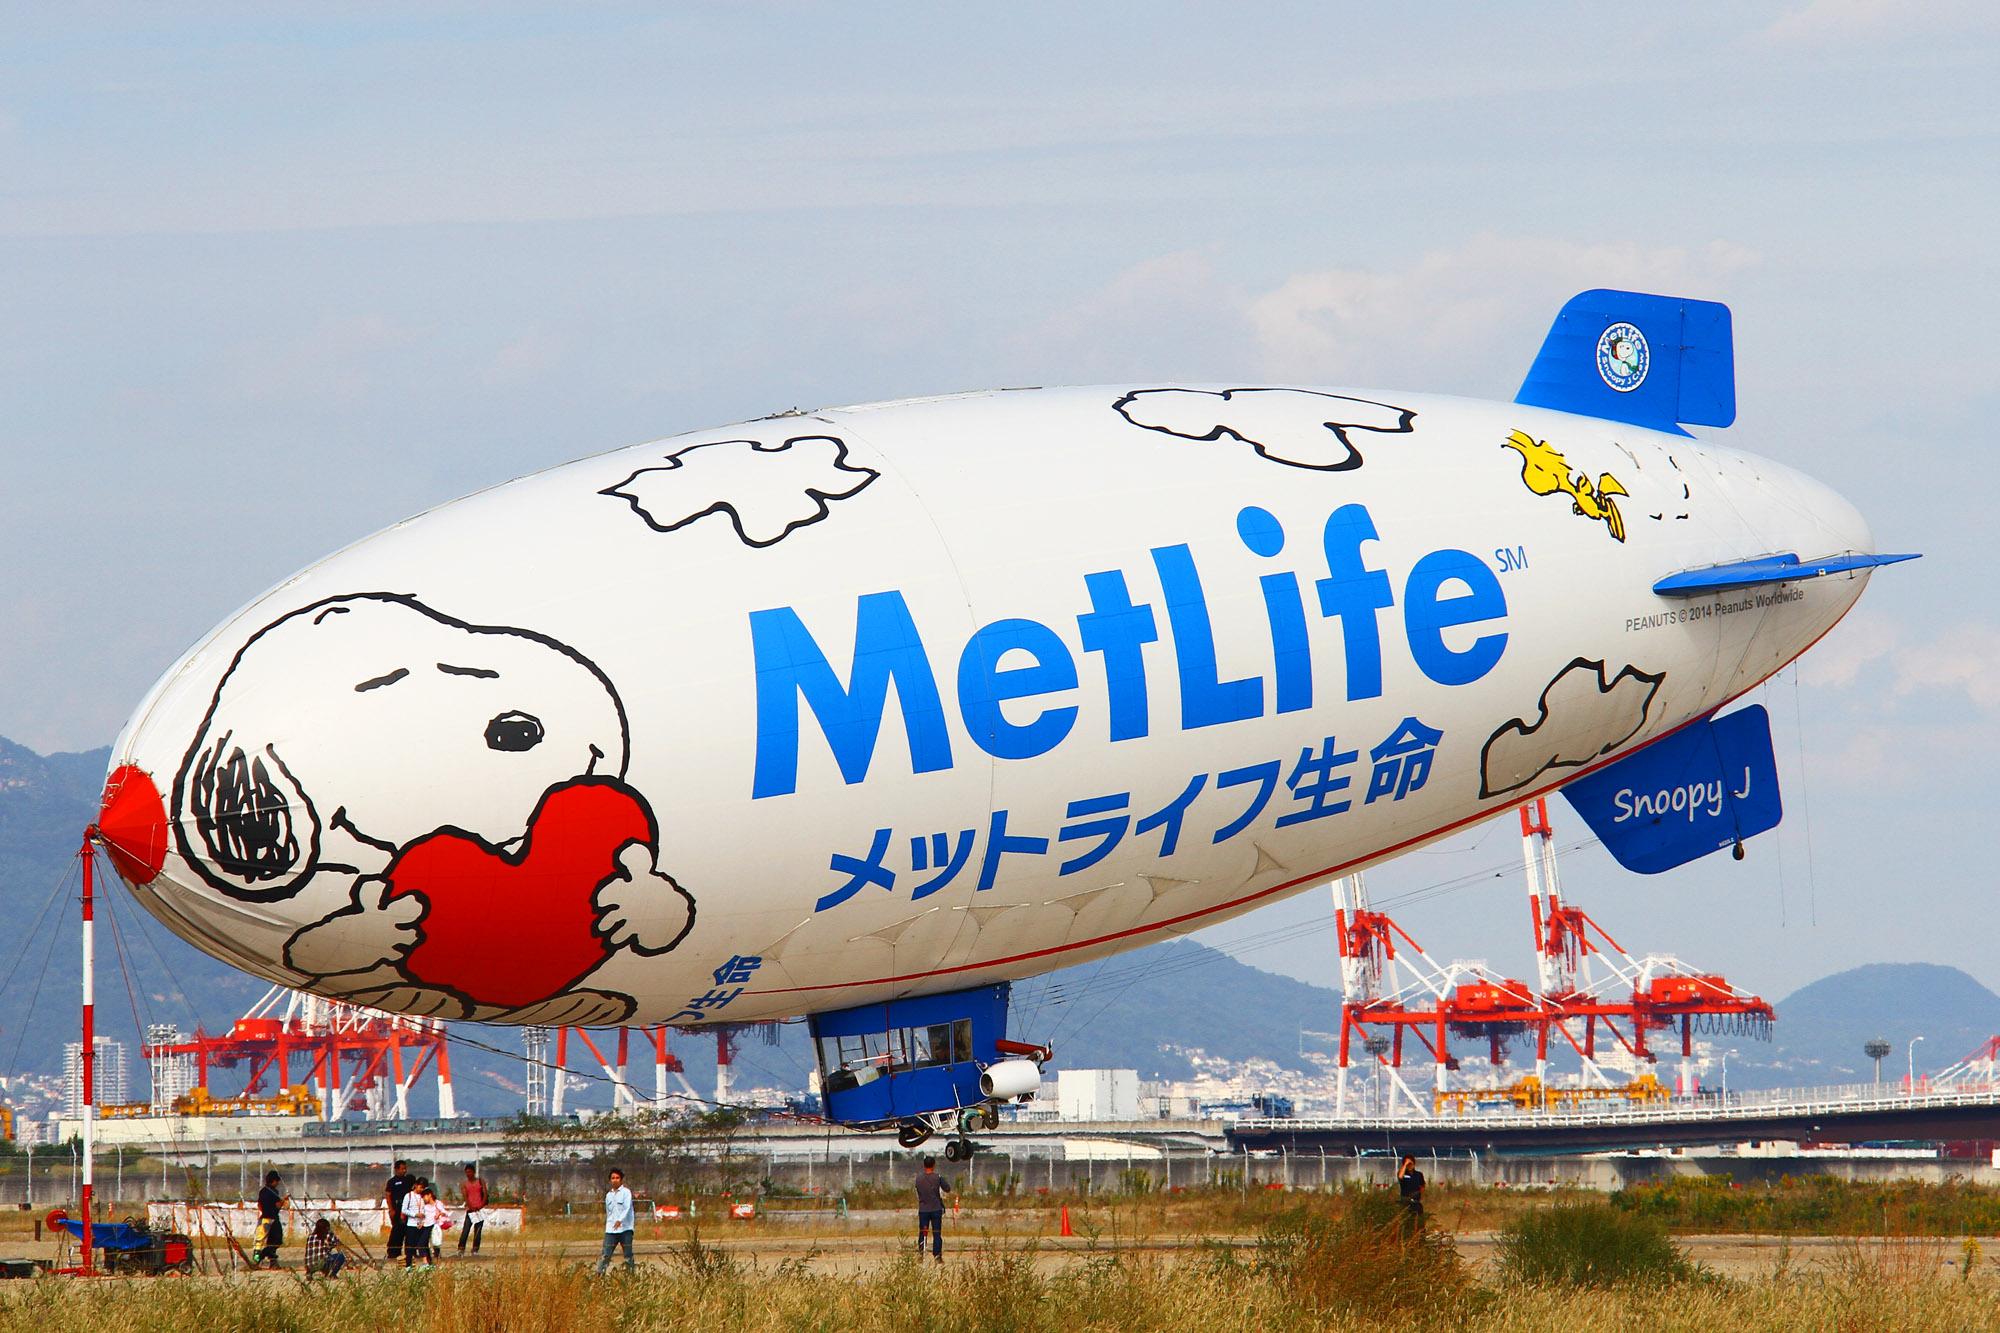 メットライフ生命、飛行船「スヌーピーJ号」の運航を終了 | FlyTeam ...